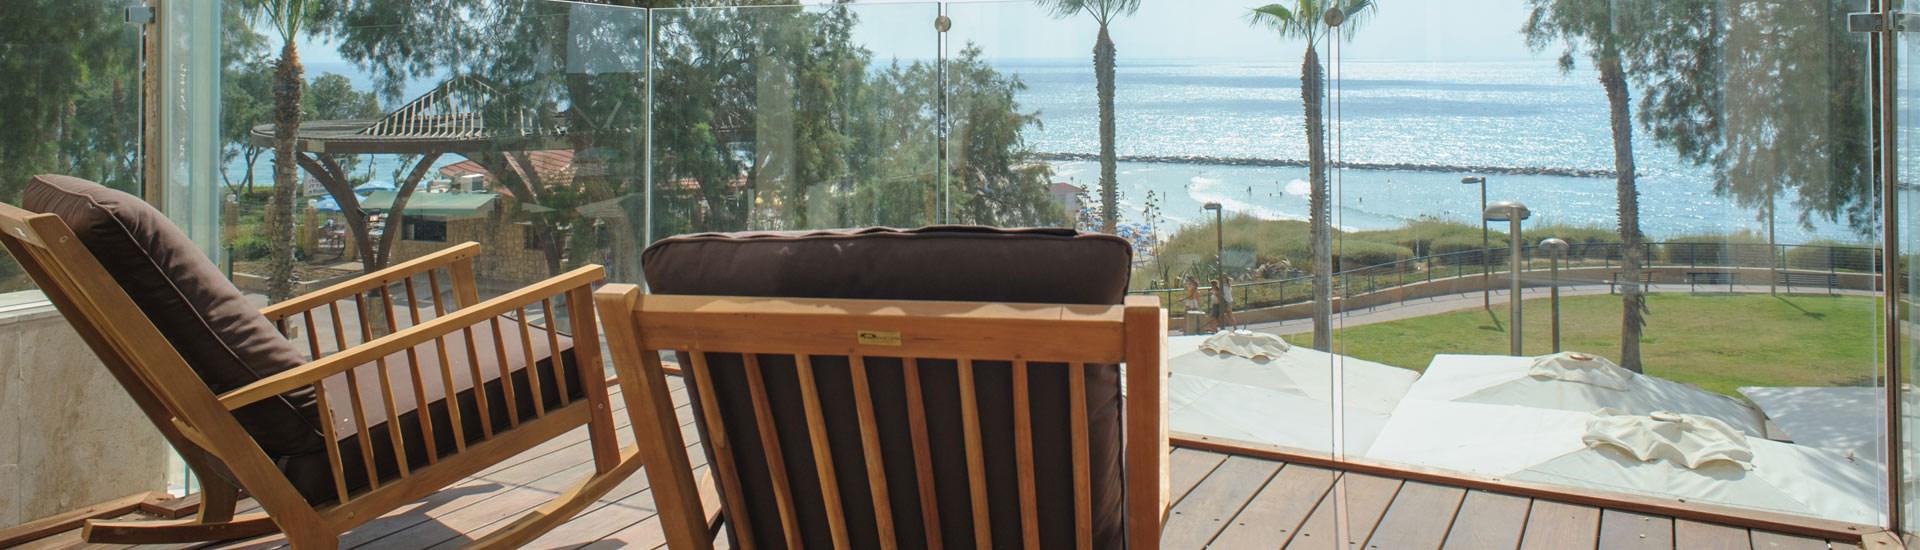 מלון רזידנס ביץ נתניה